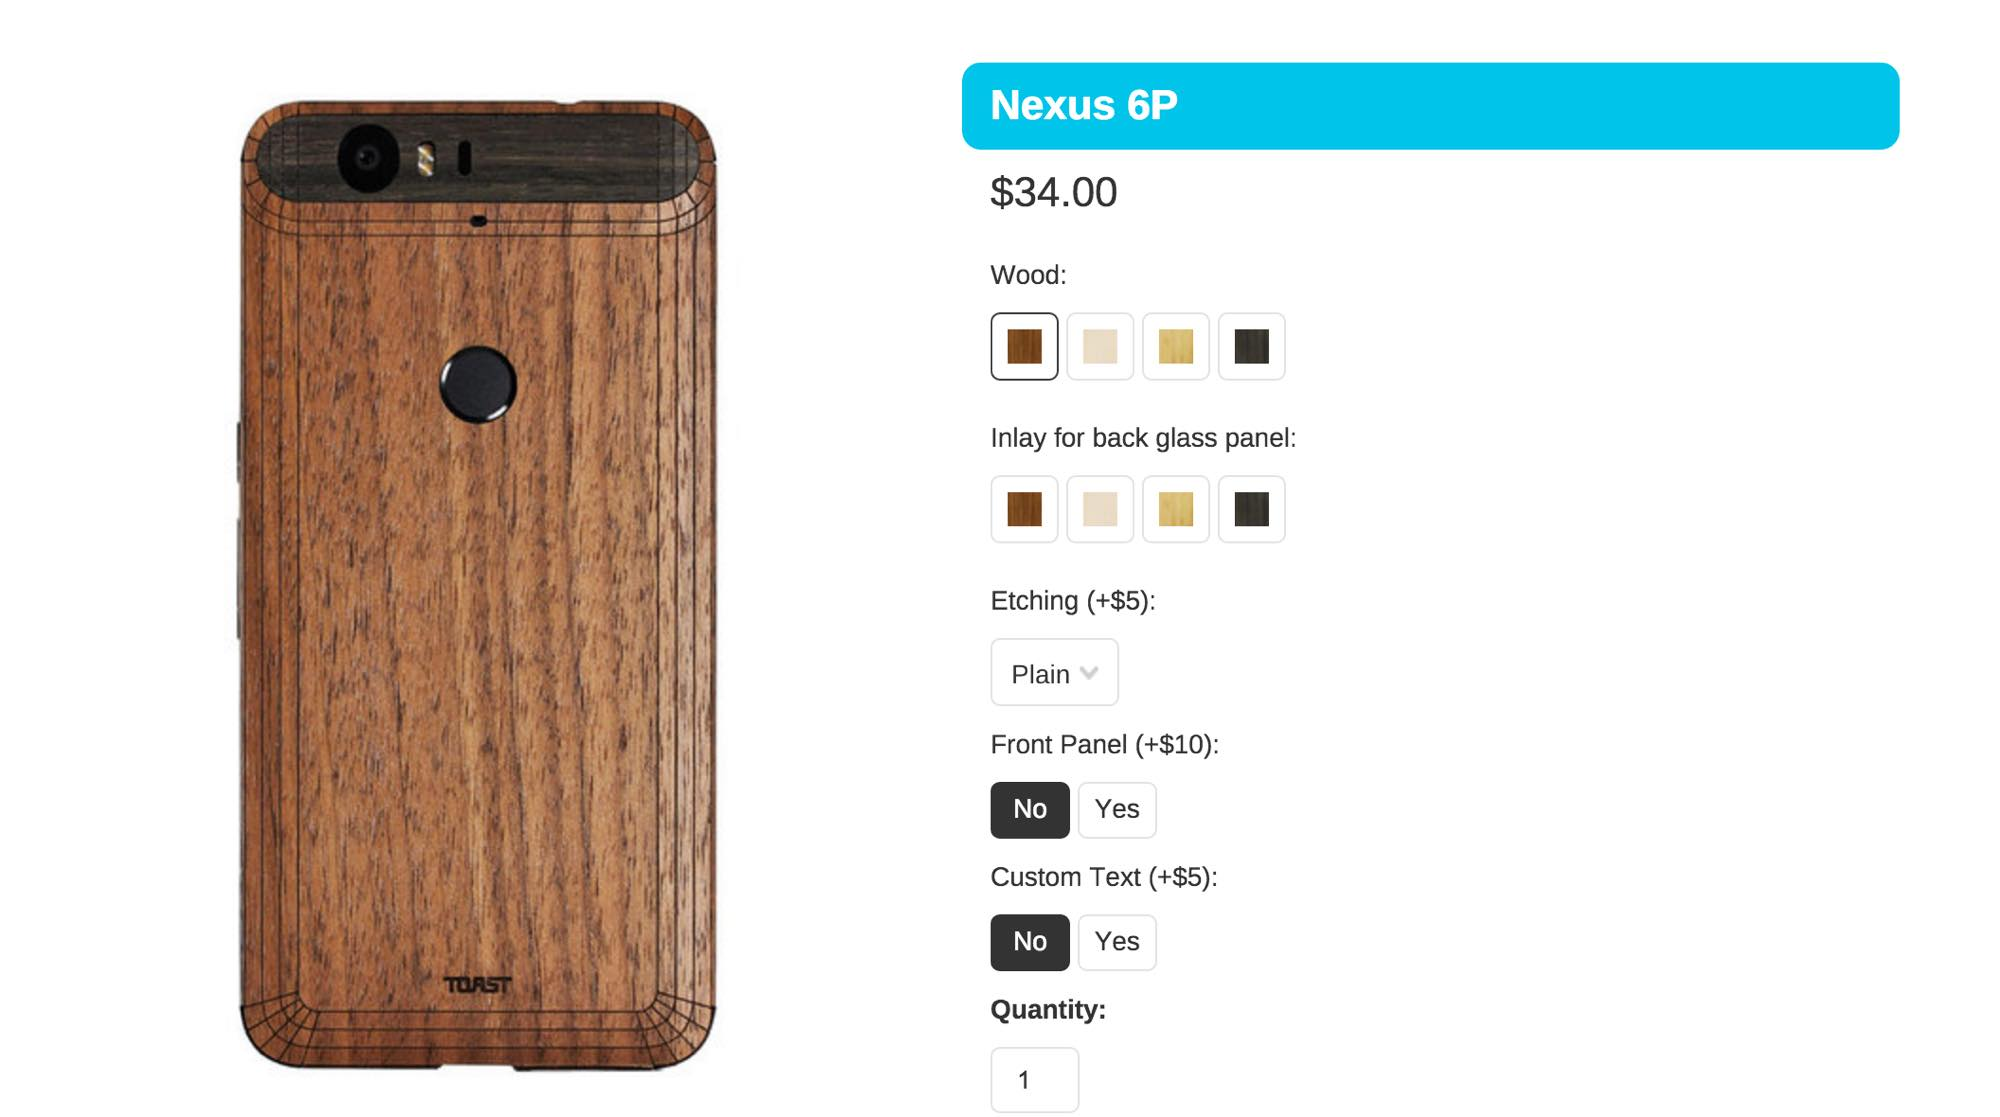 nexus-6p-toast6